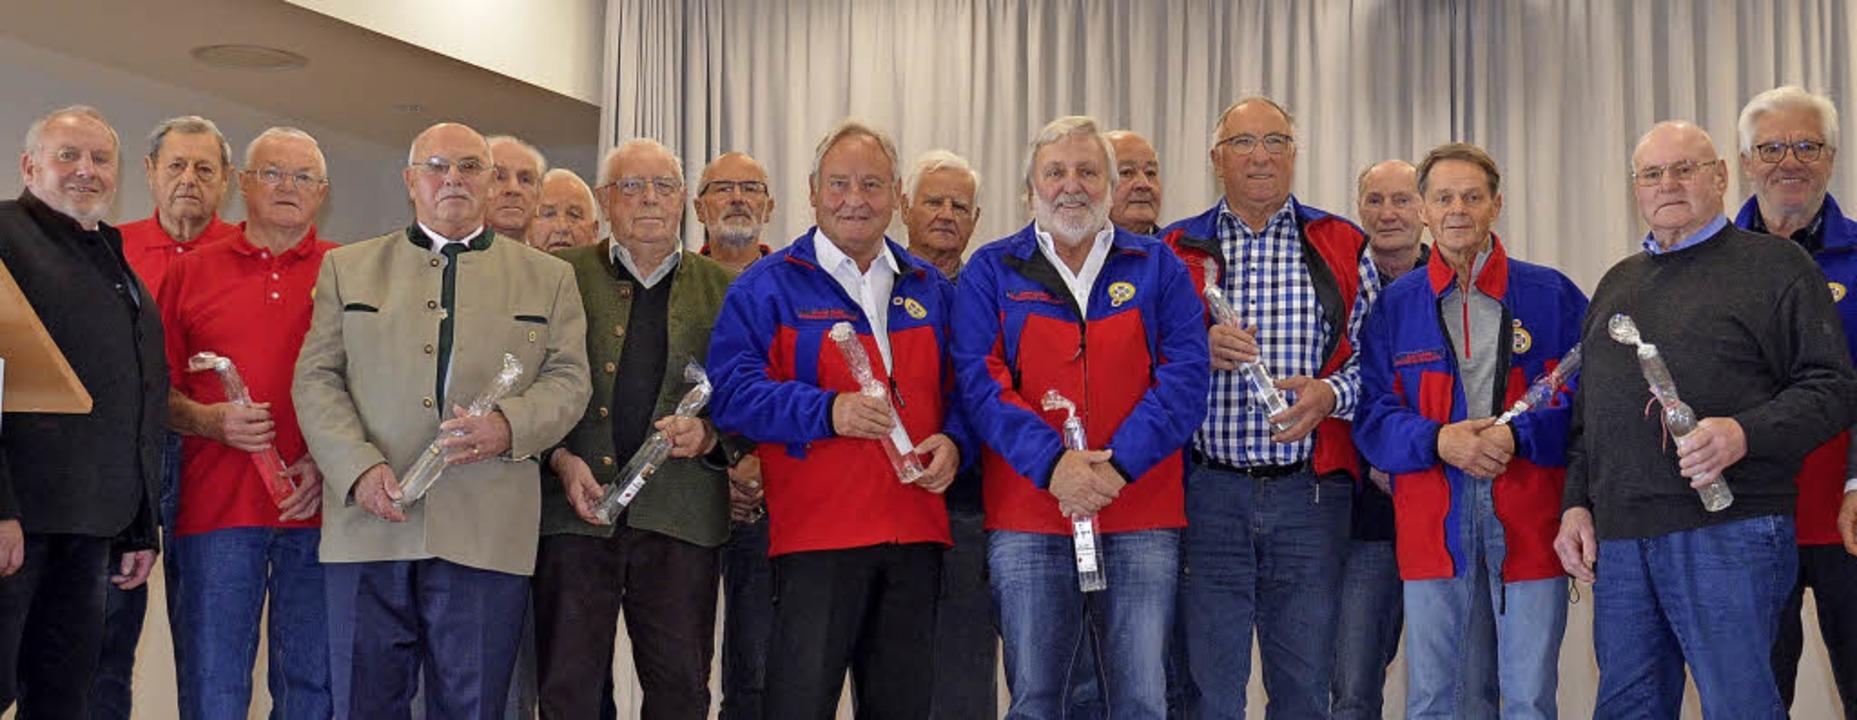 Viele Mitglieder ehrte die Bergwacht S...ndesversammlung am Sonntag in Bernau.     Foto: Sebastian Barthmes